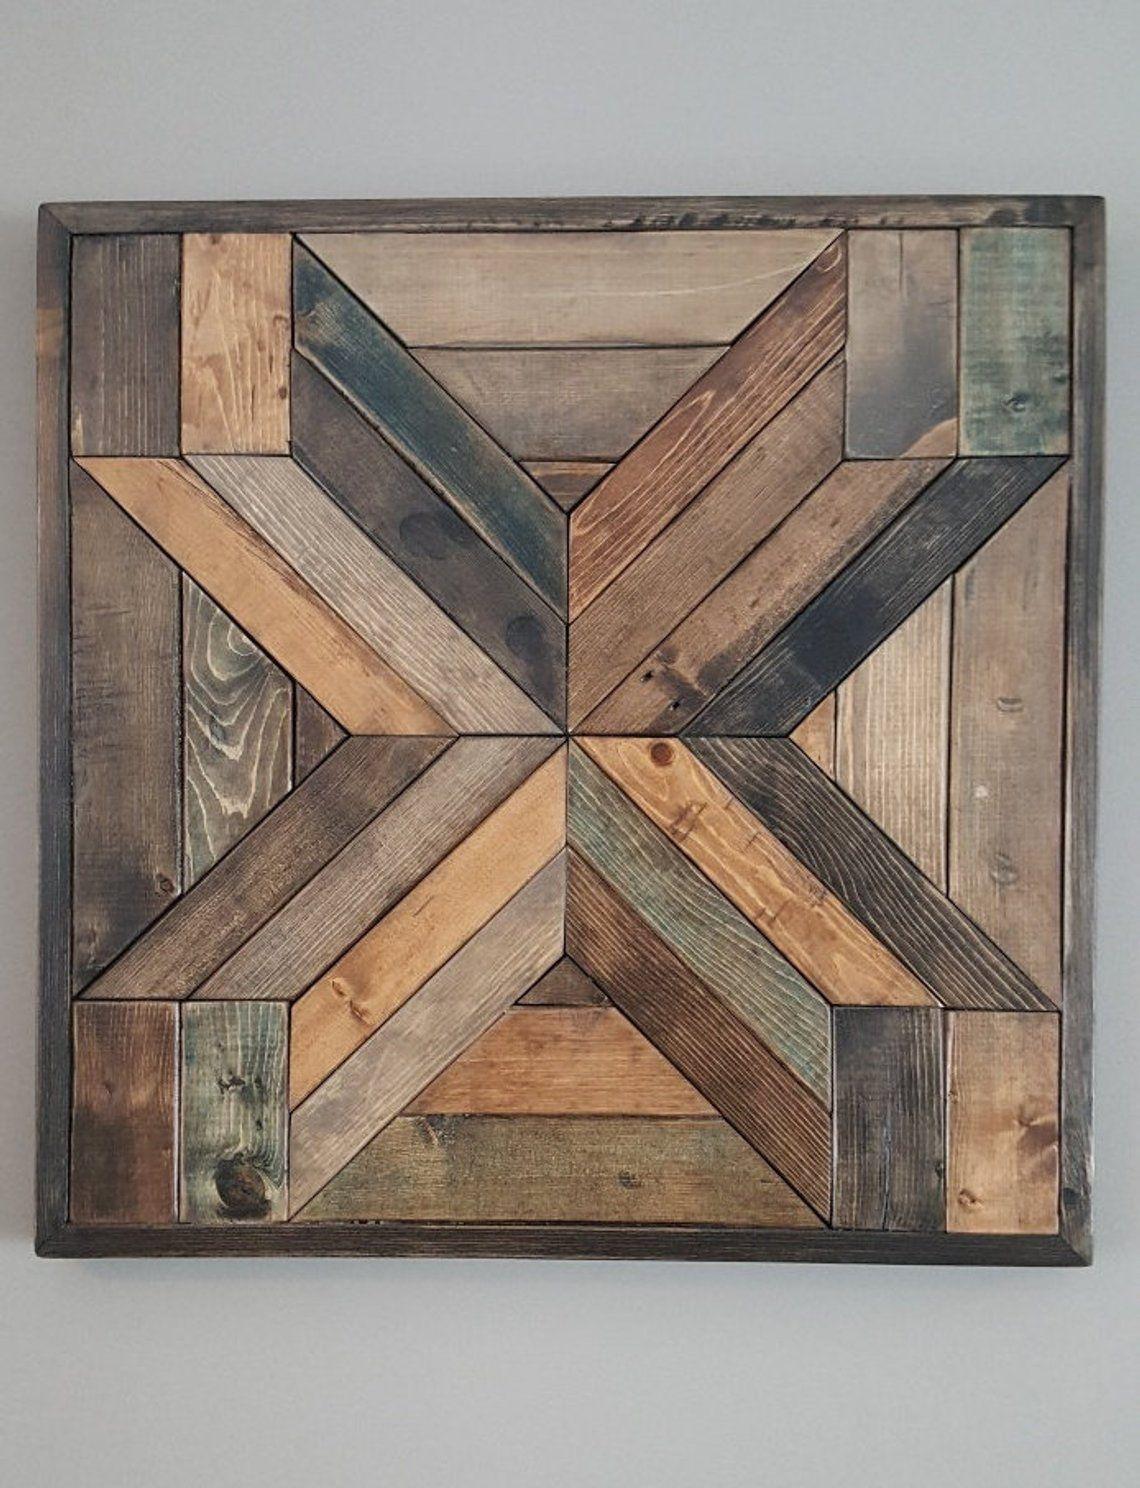 Cuadros en maderas | Rustic wood wall art, Rustic wood ...